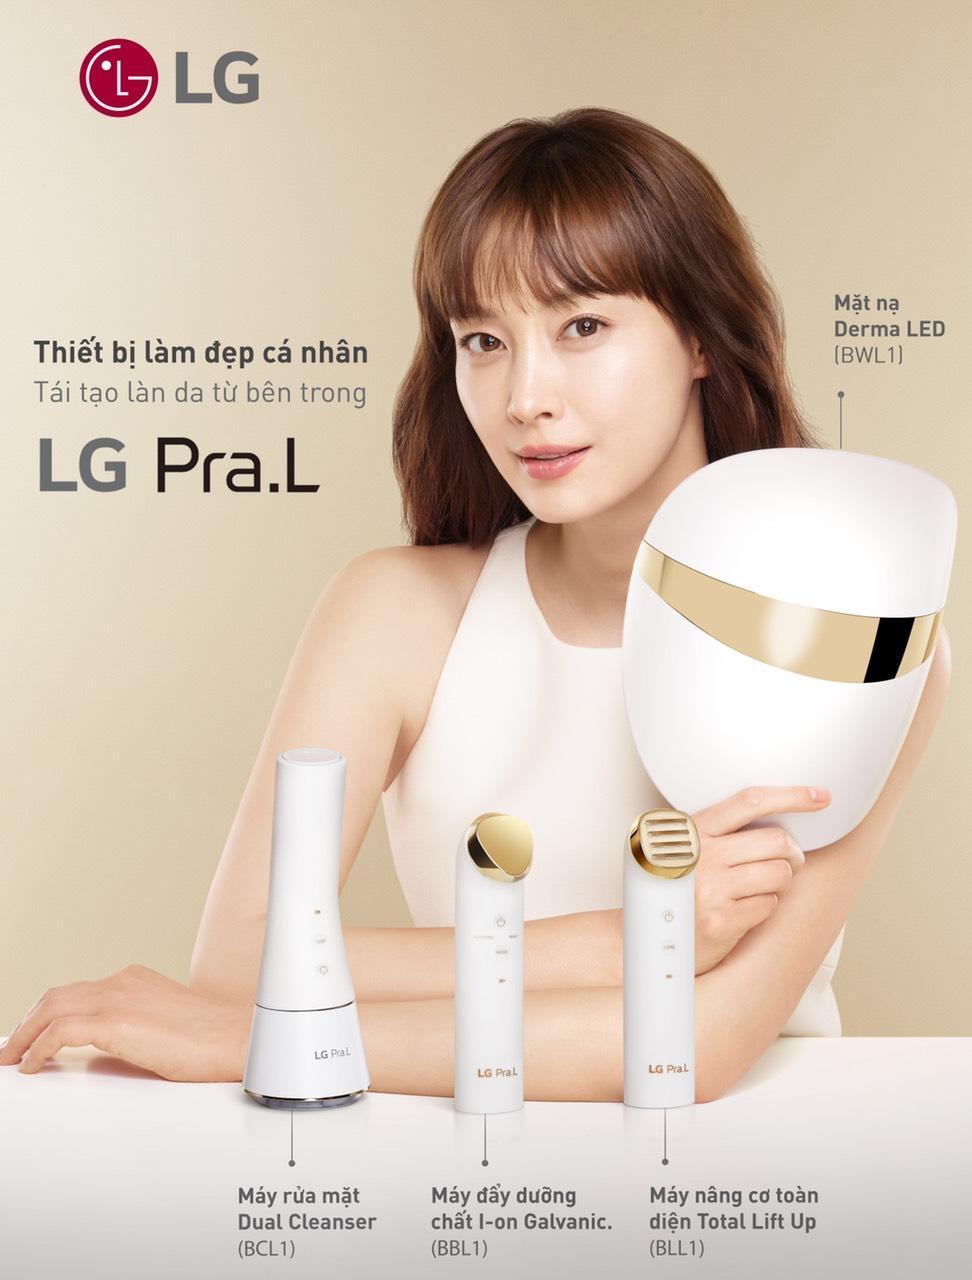 mặt nạ đèn led hỗ trợ chăm sóc da mặt